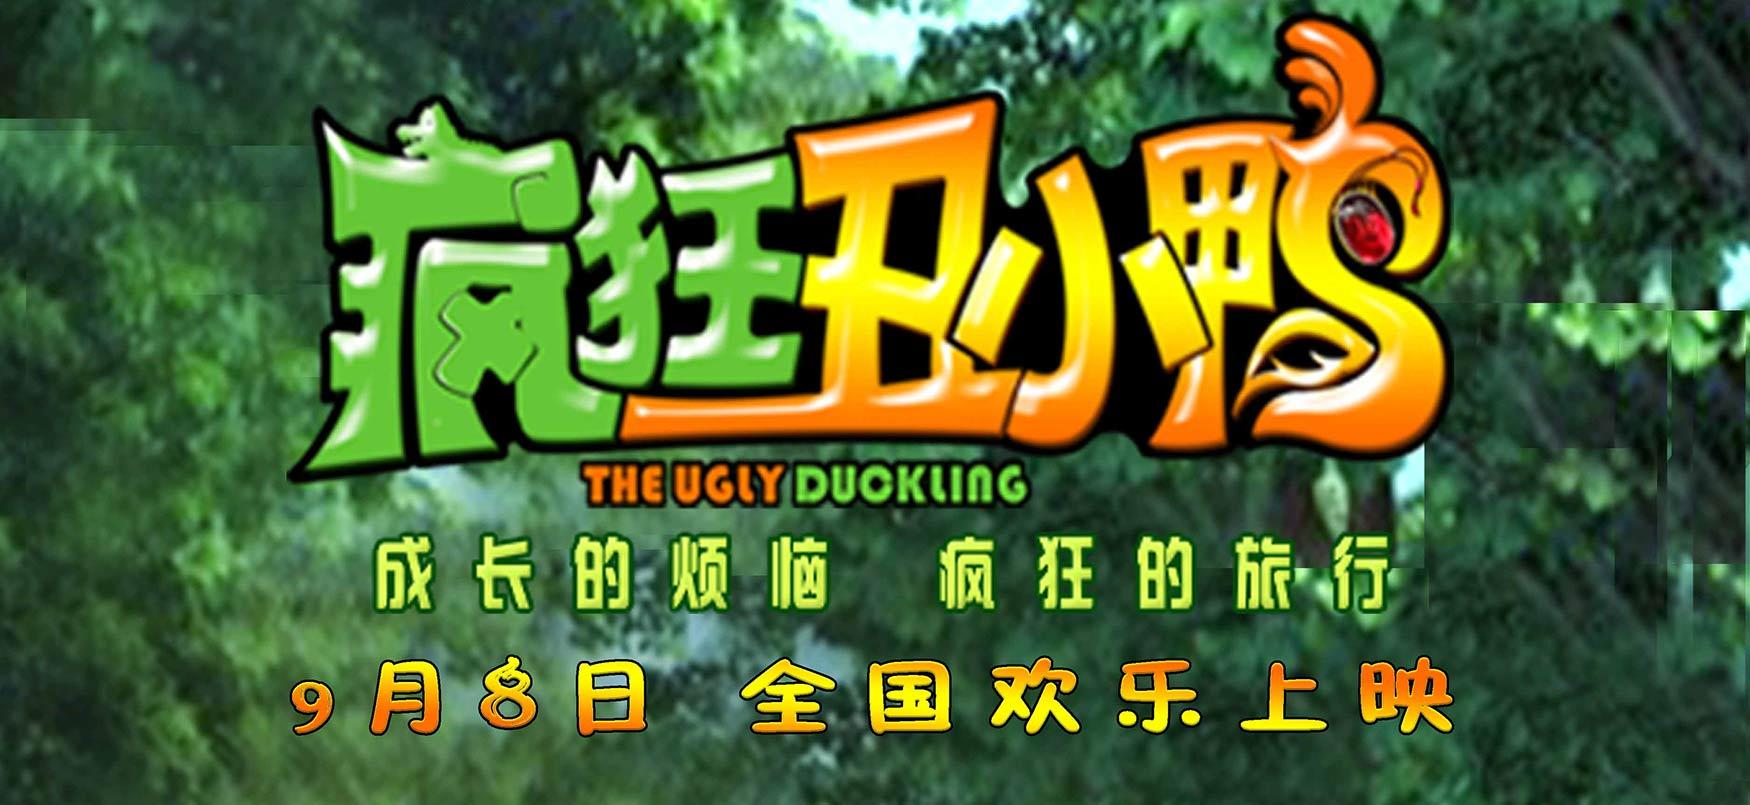 动画电影《疯狂丑小鸭》悬疑版海报神秘来袭